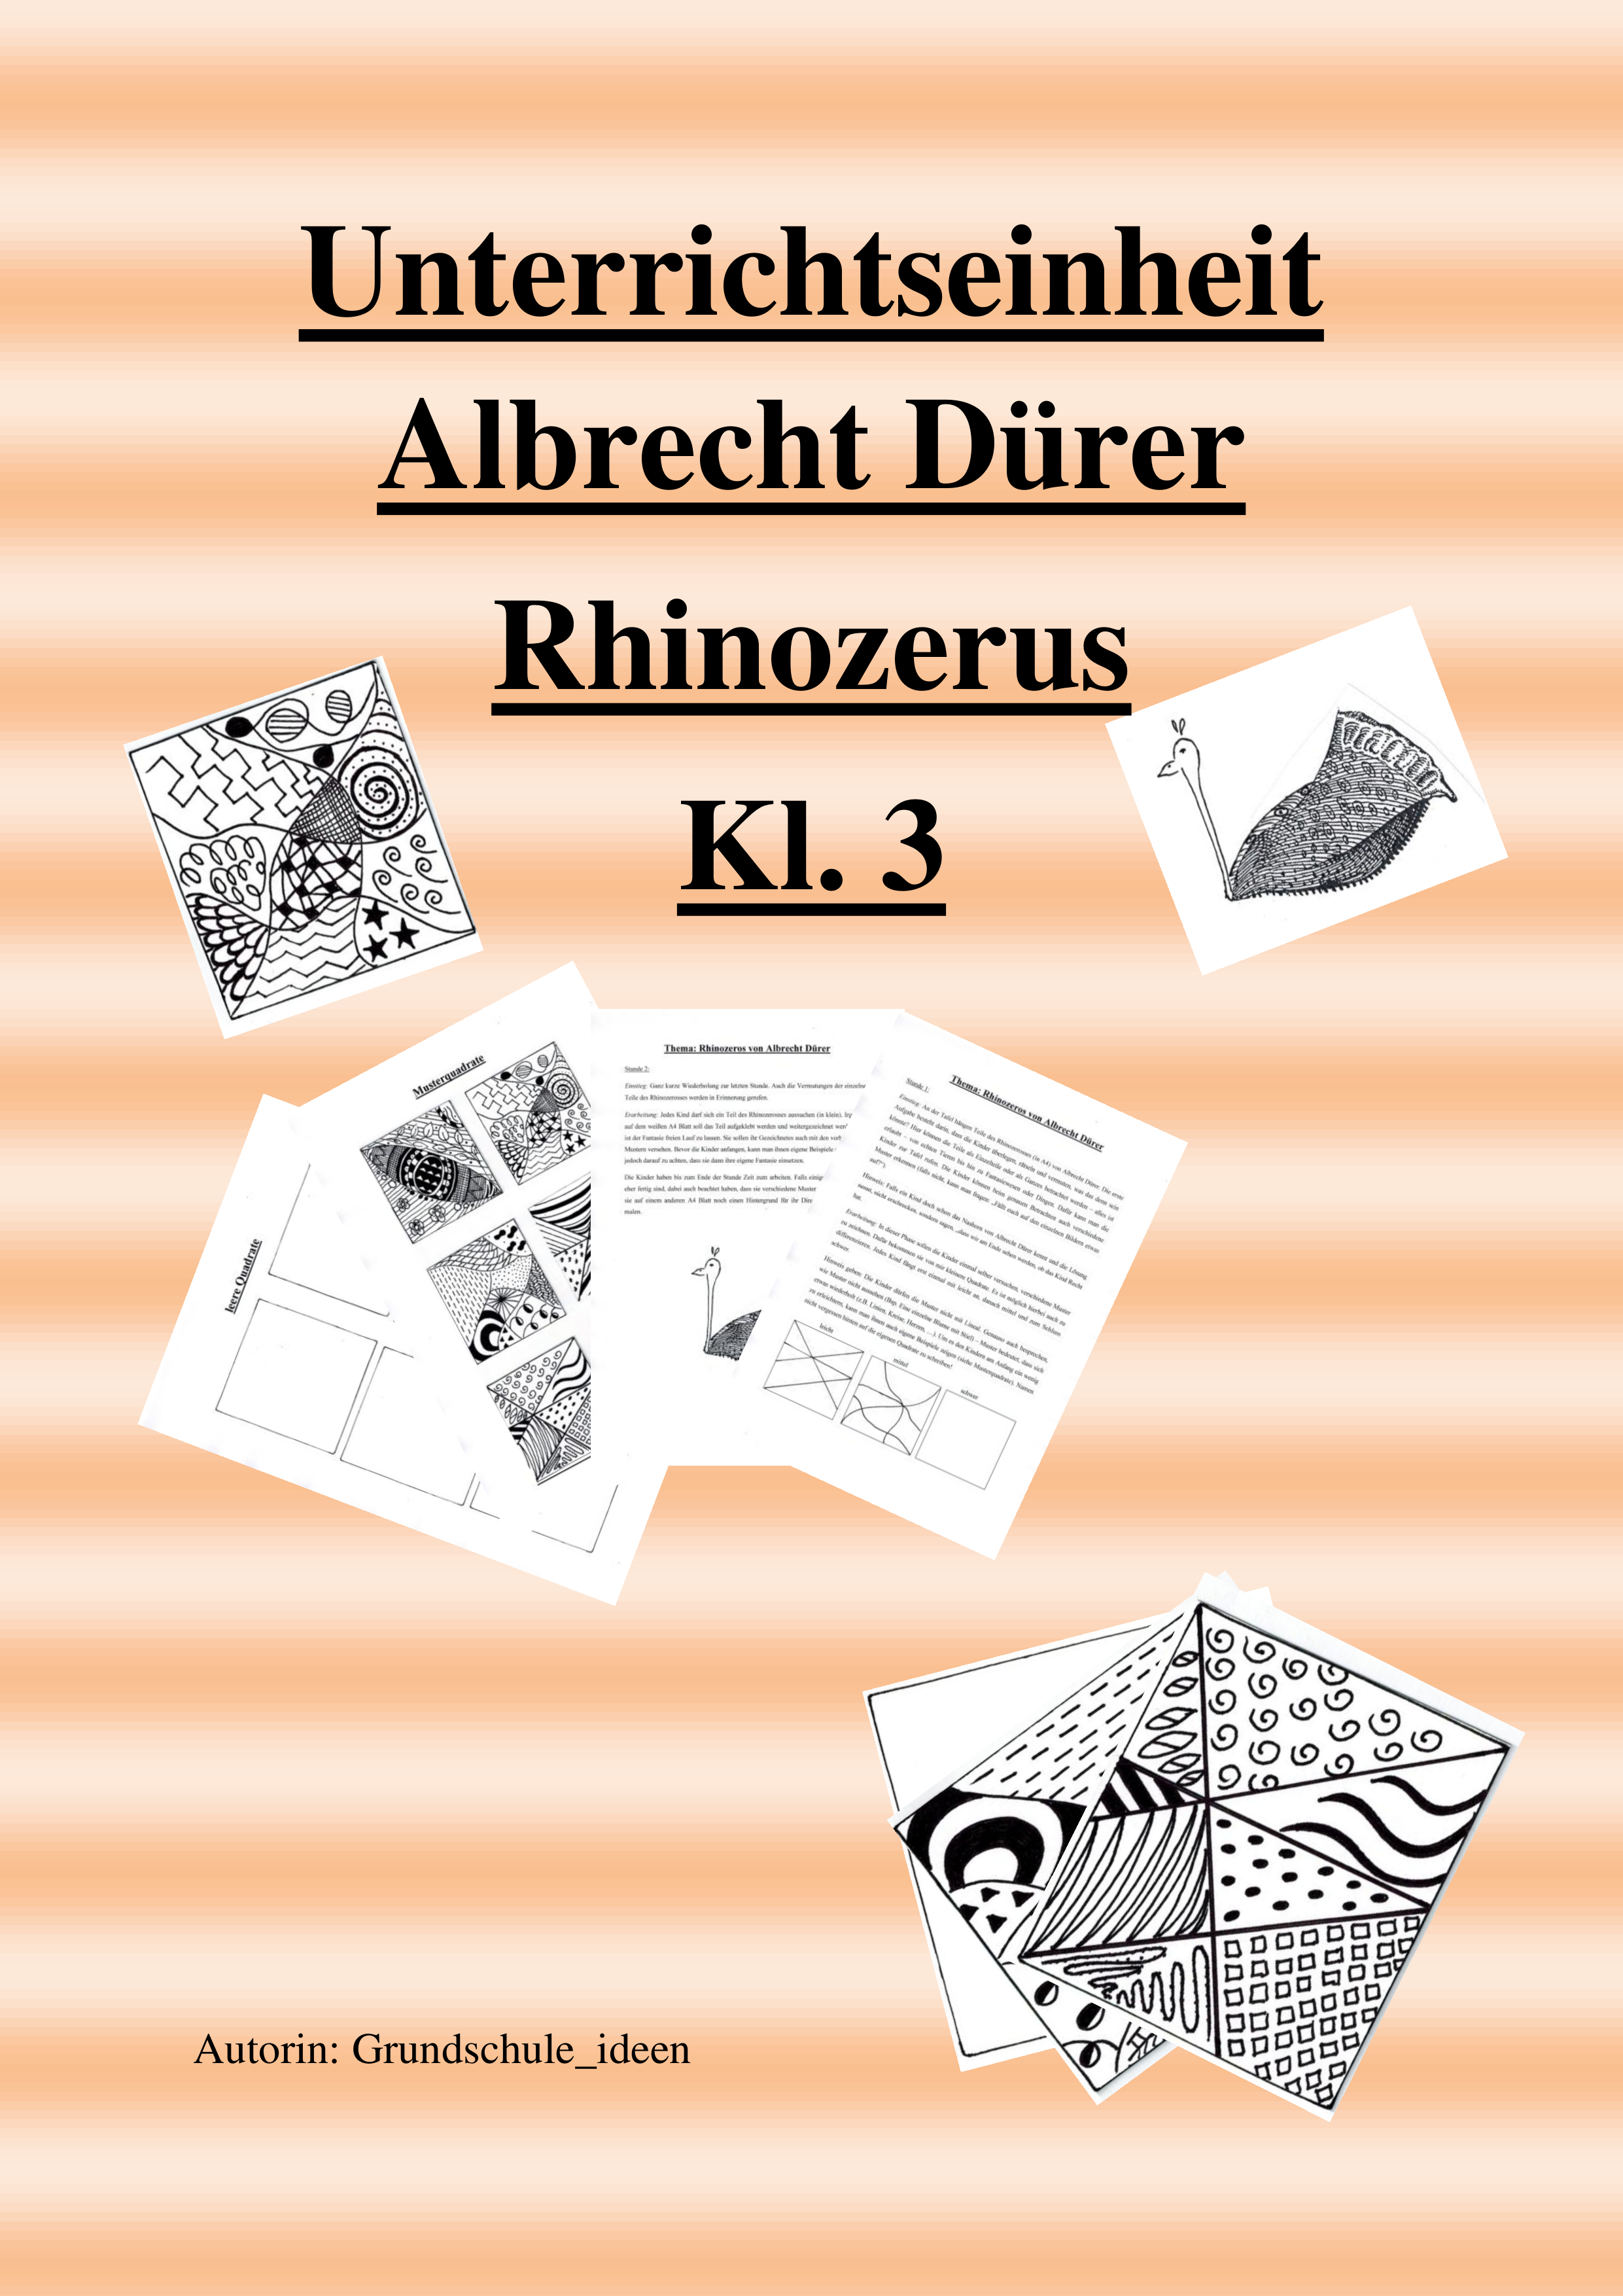 Unterrichtseinheit Albrecht Durer Rhinozerus Unterrichtsmaterial Im Fach Kunst Kunst Unterrichten Kunstunterricht Kunst Grundschule